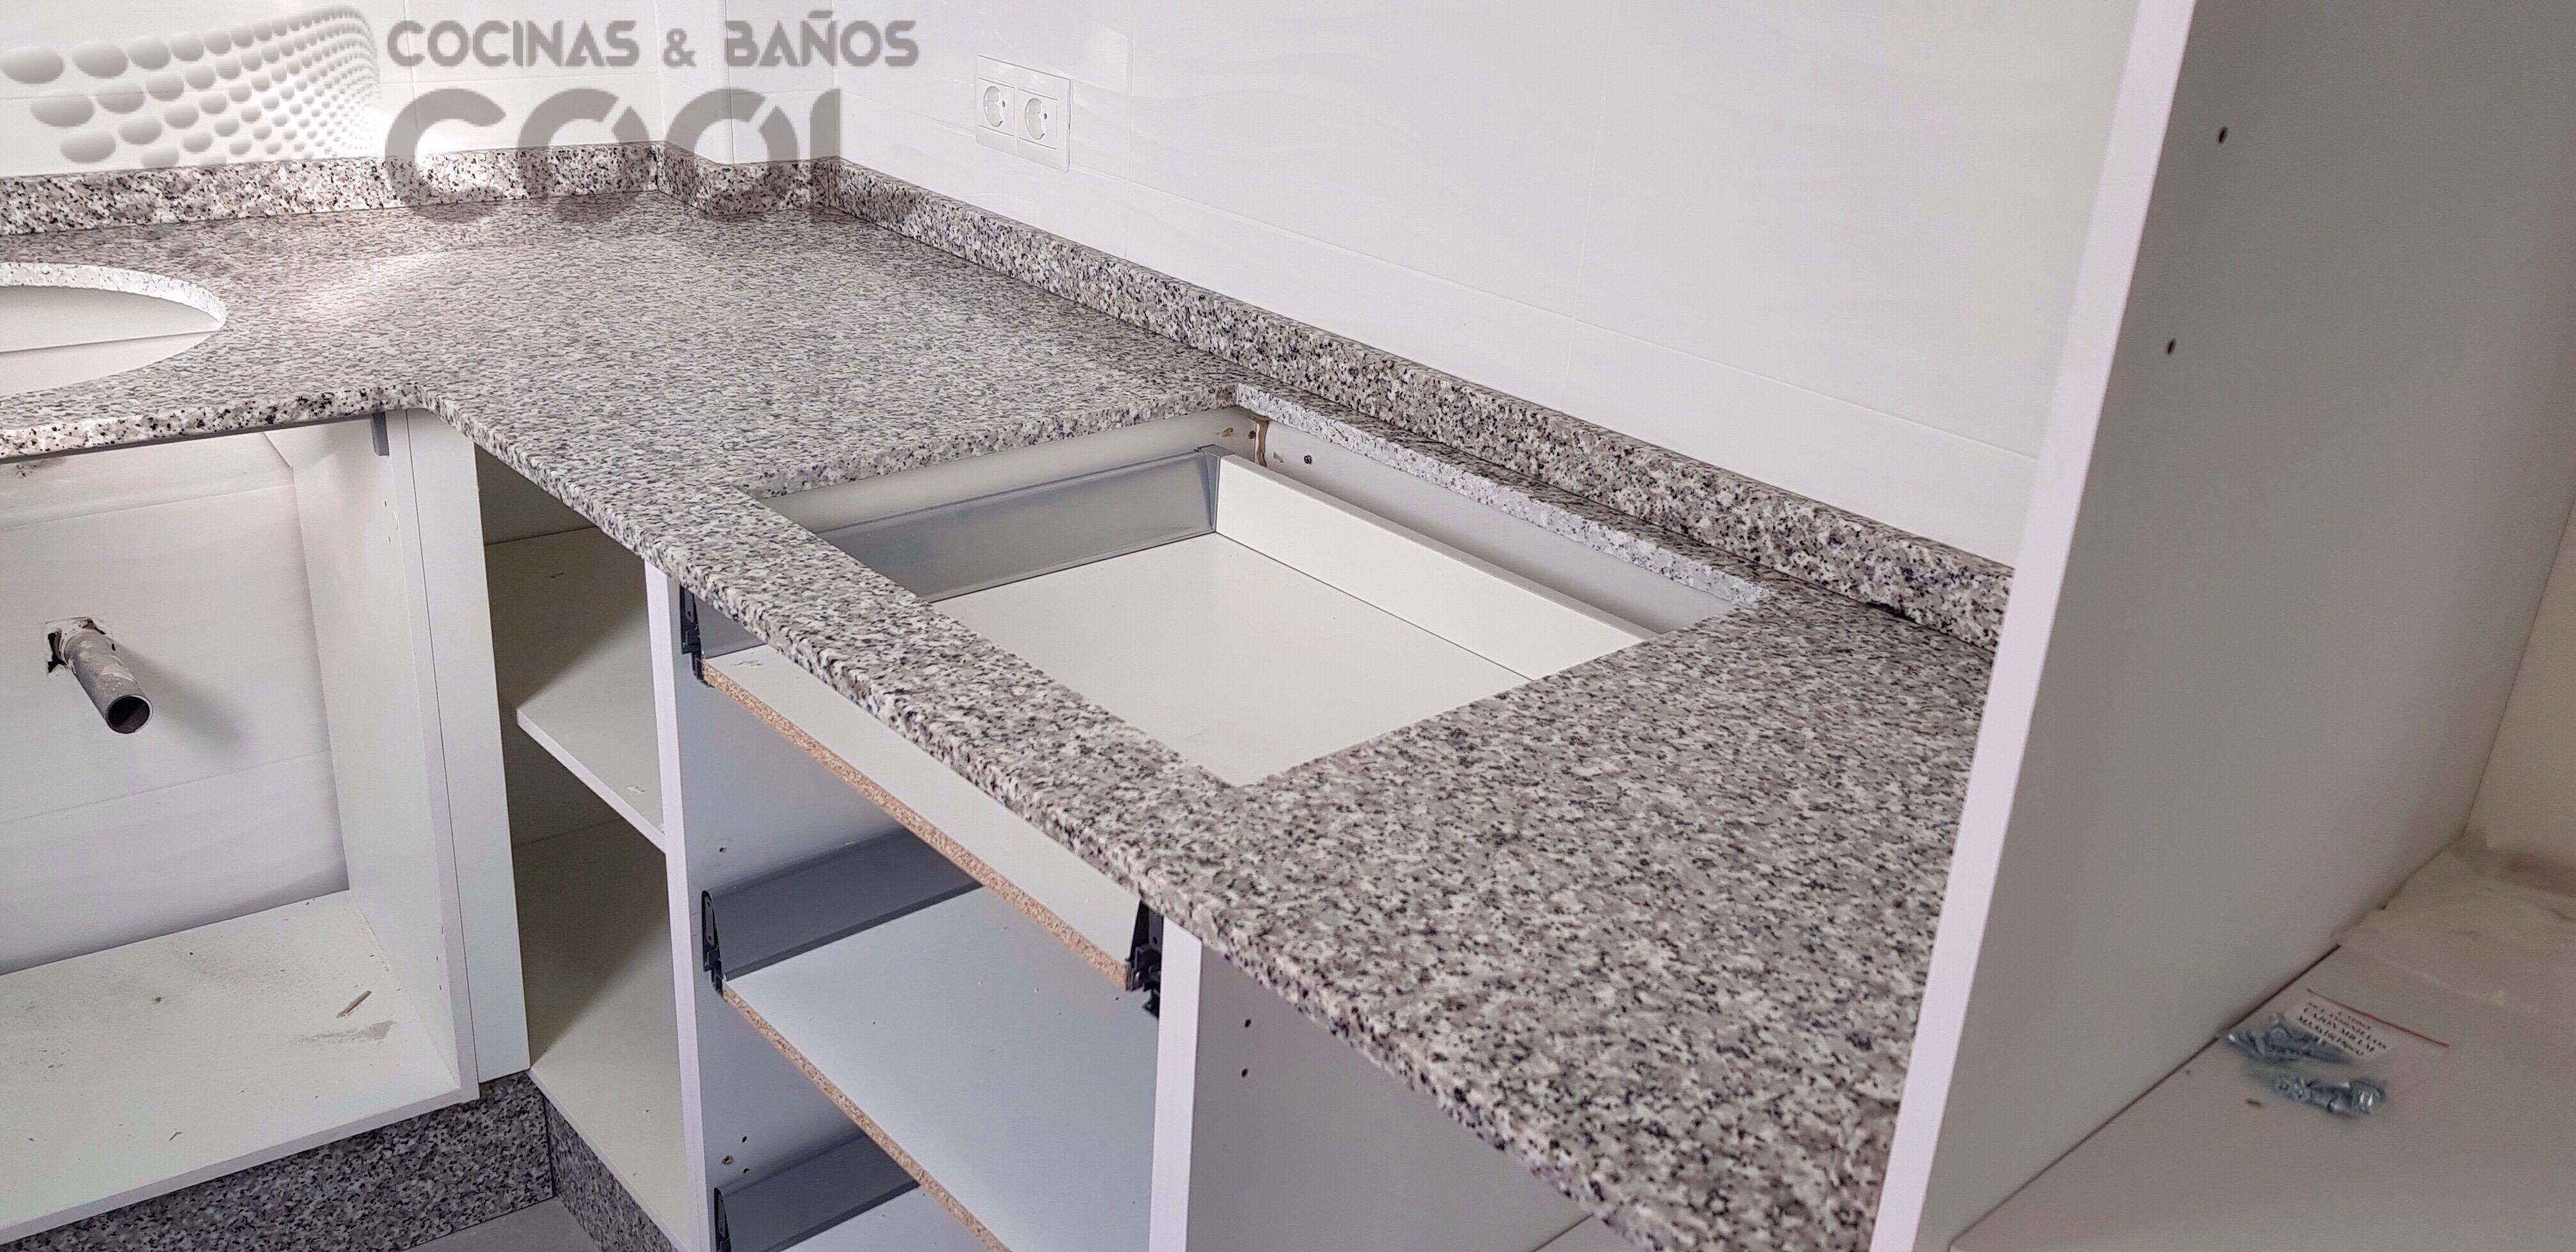 Encimera granito nacional blanco perla cool encimeras for Encimeras de granito nacional